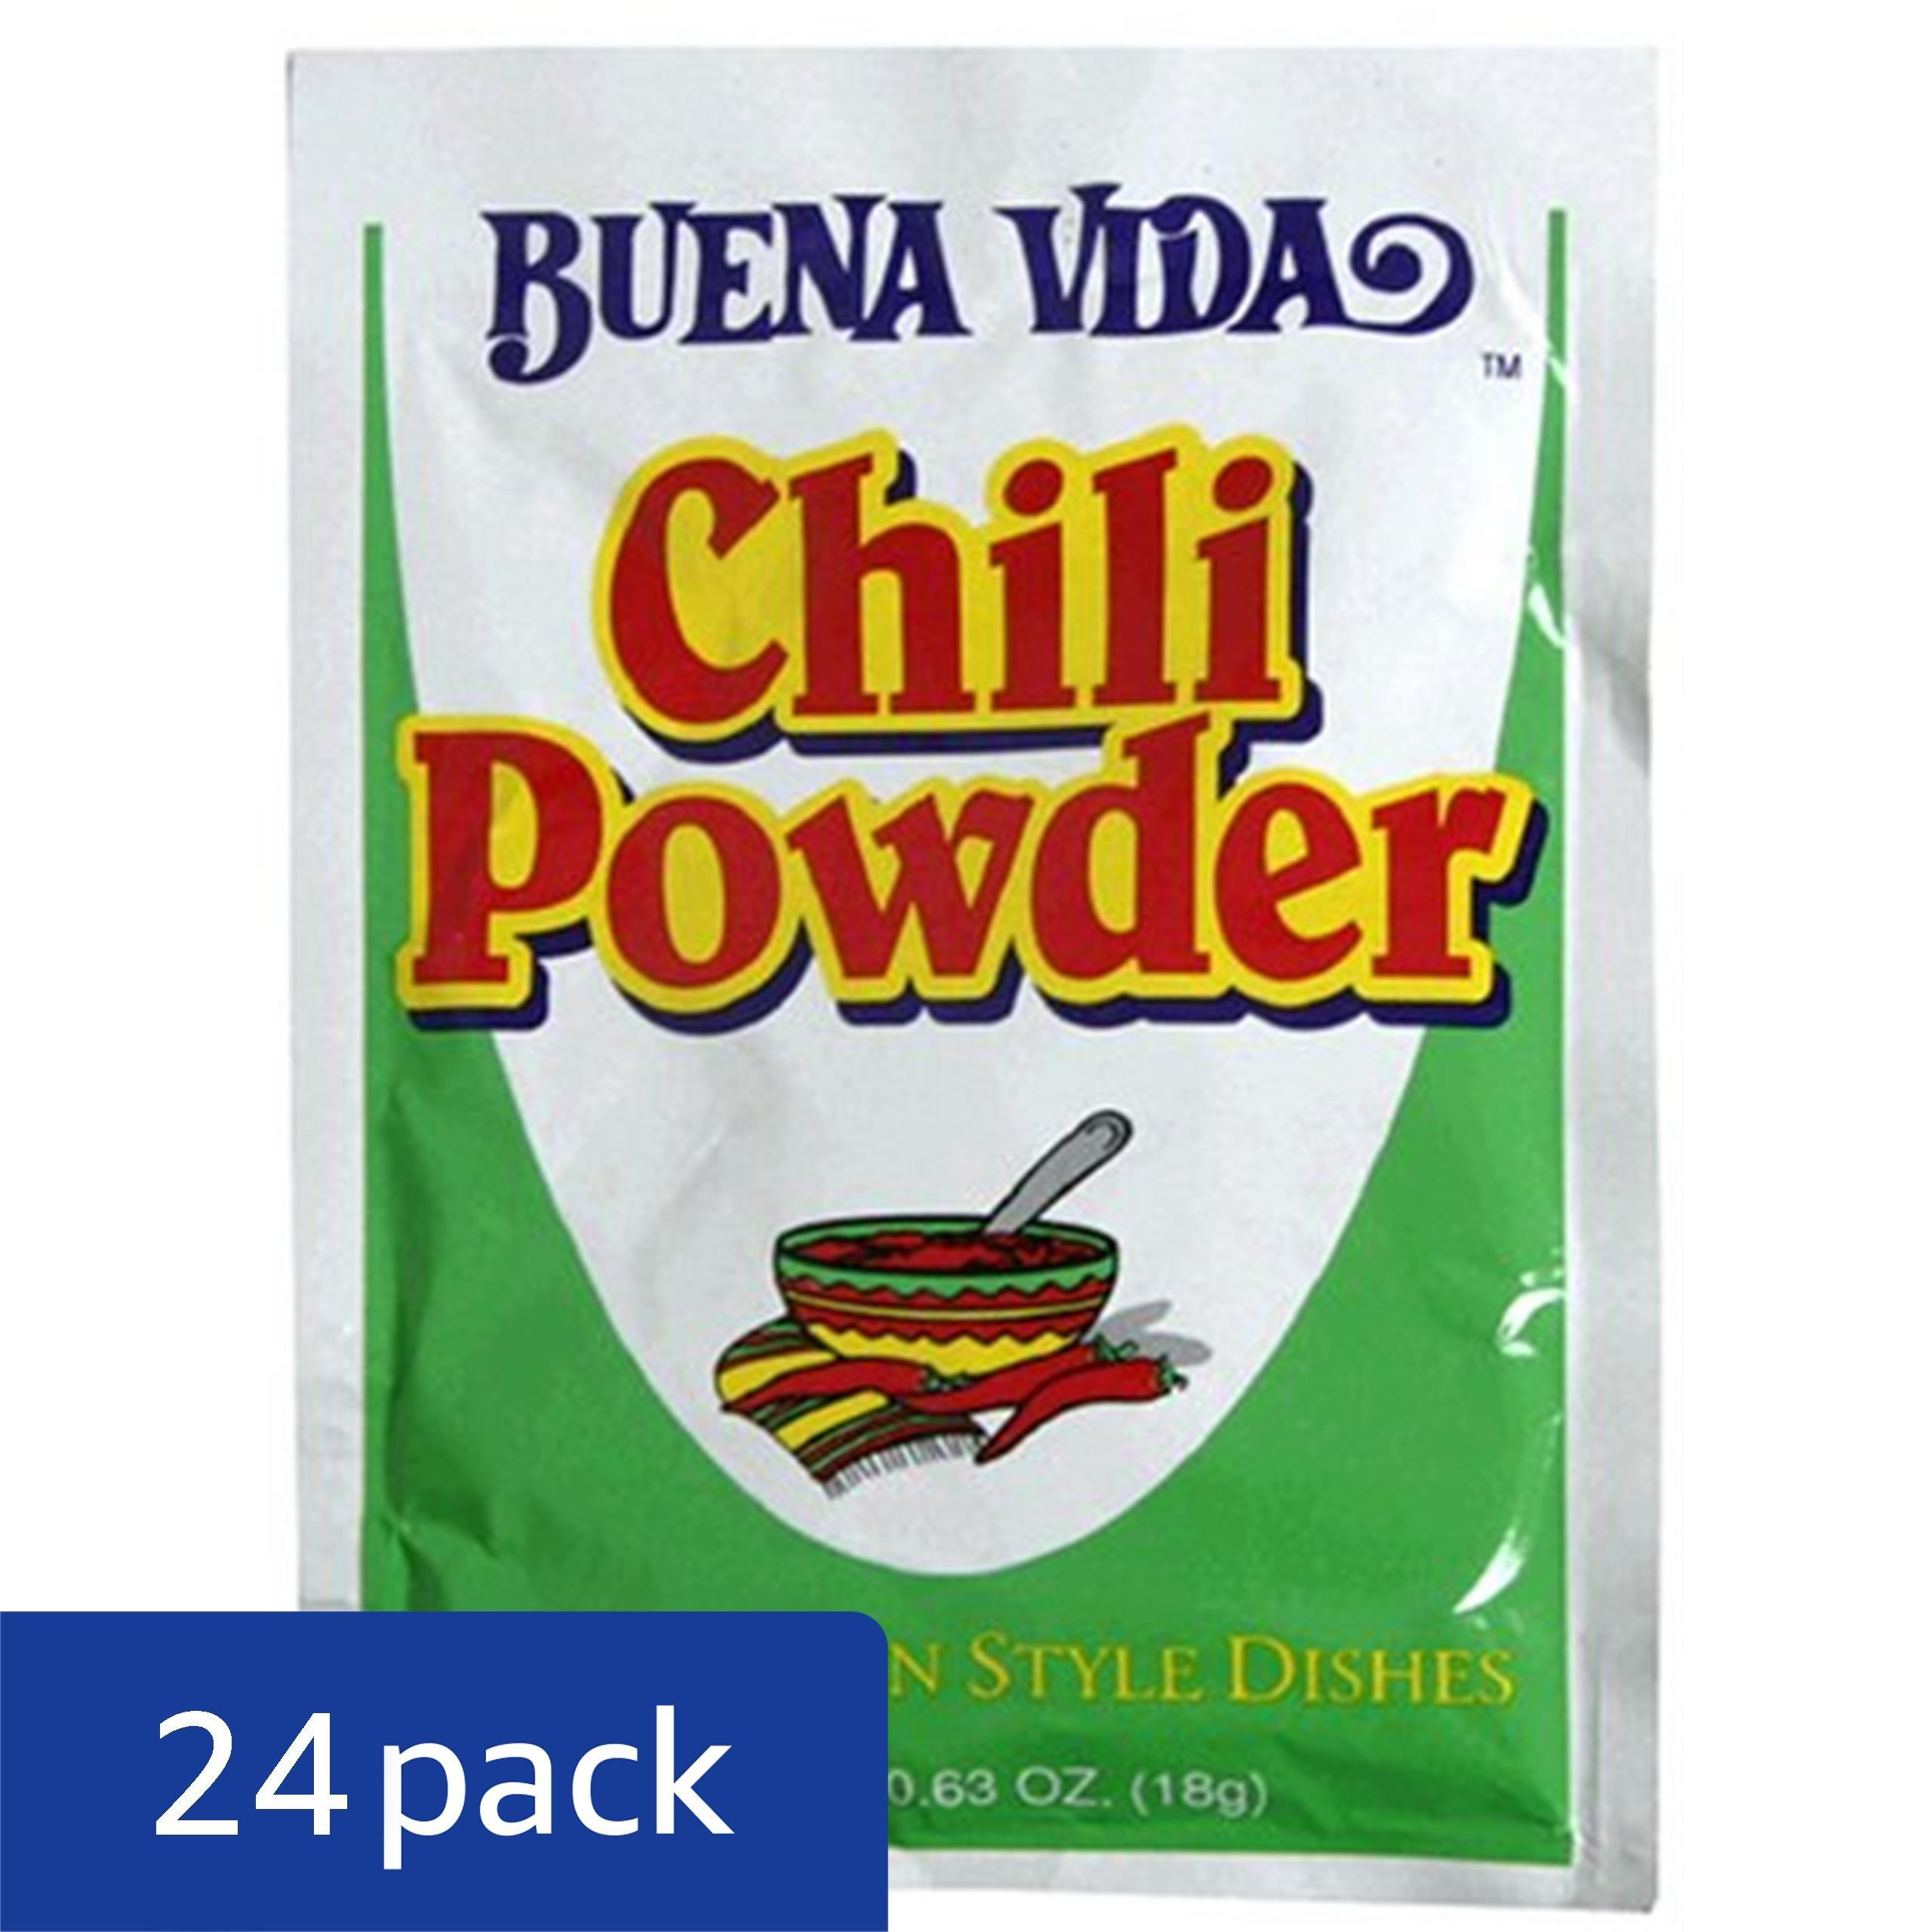 Buena Vida Chili Powder, 0.63-Ounce Packets (Pack of 24) by BUENA VIDA (Image #1)